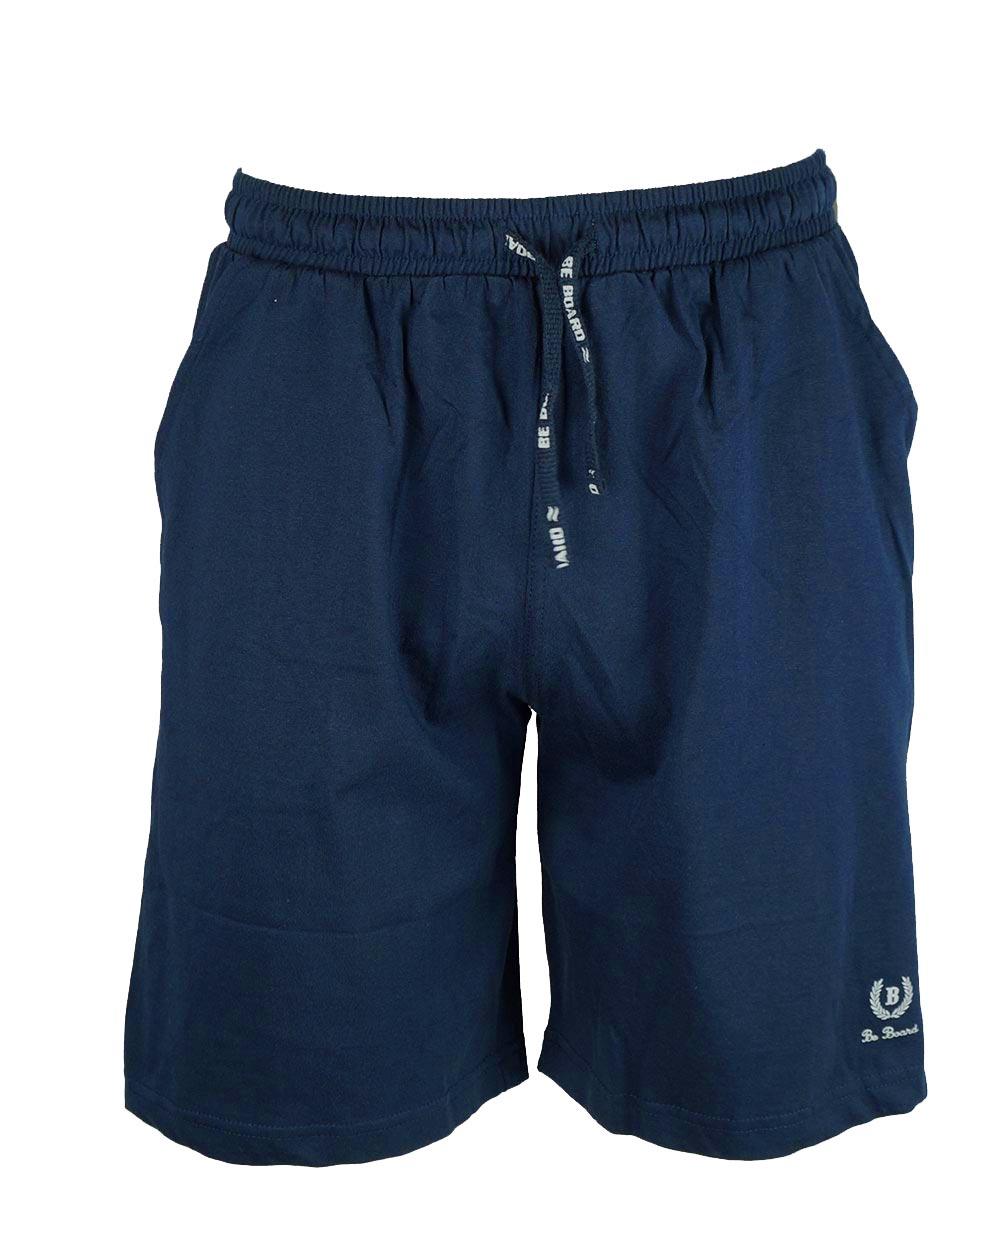 Pantalone Corto Bermuda Uomo Cotone Leggero Be Board Taglie Forti 7